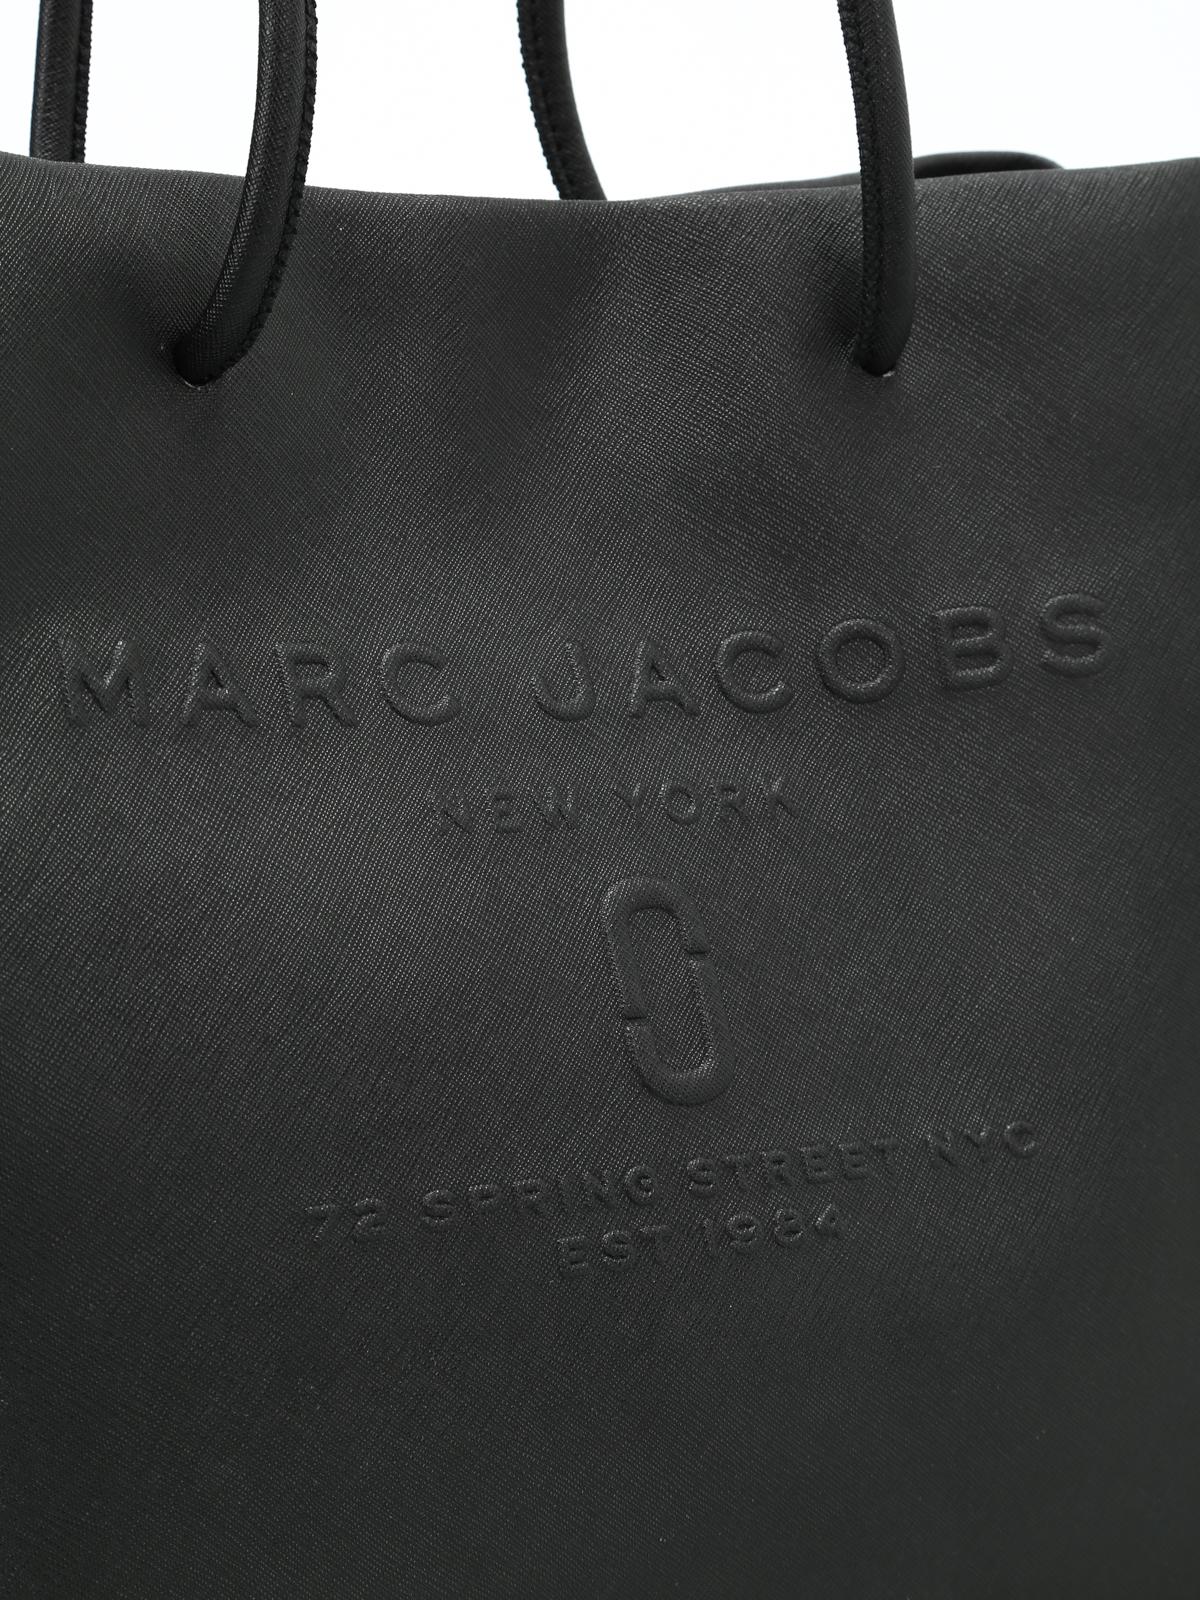 Marc Jacobs - Sac Cabas - Logo East-West - Sacs à main - M0011046001